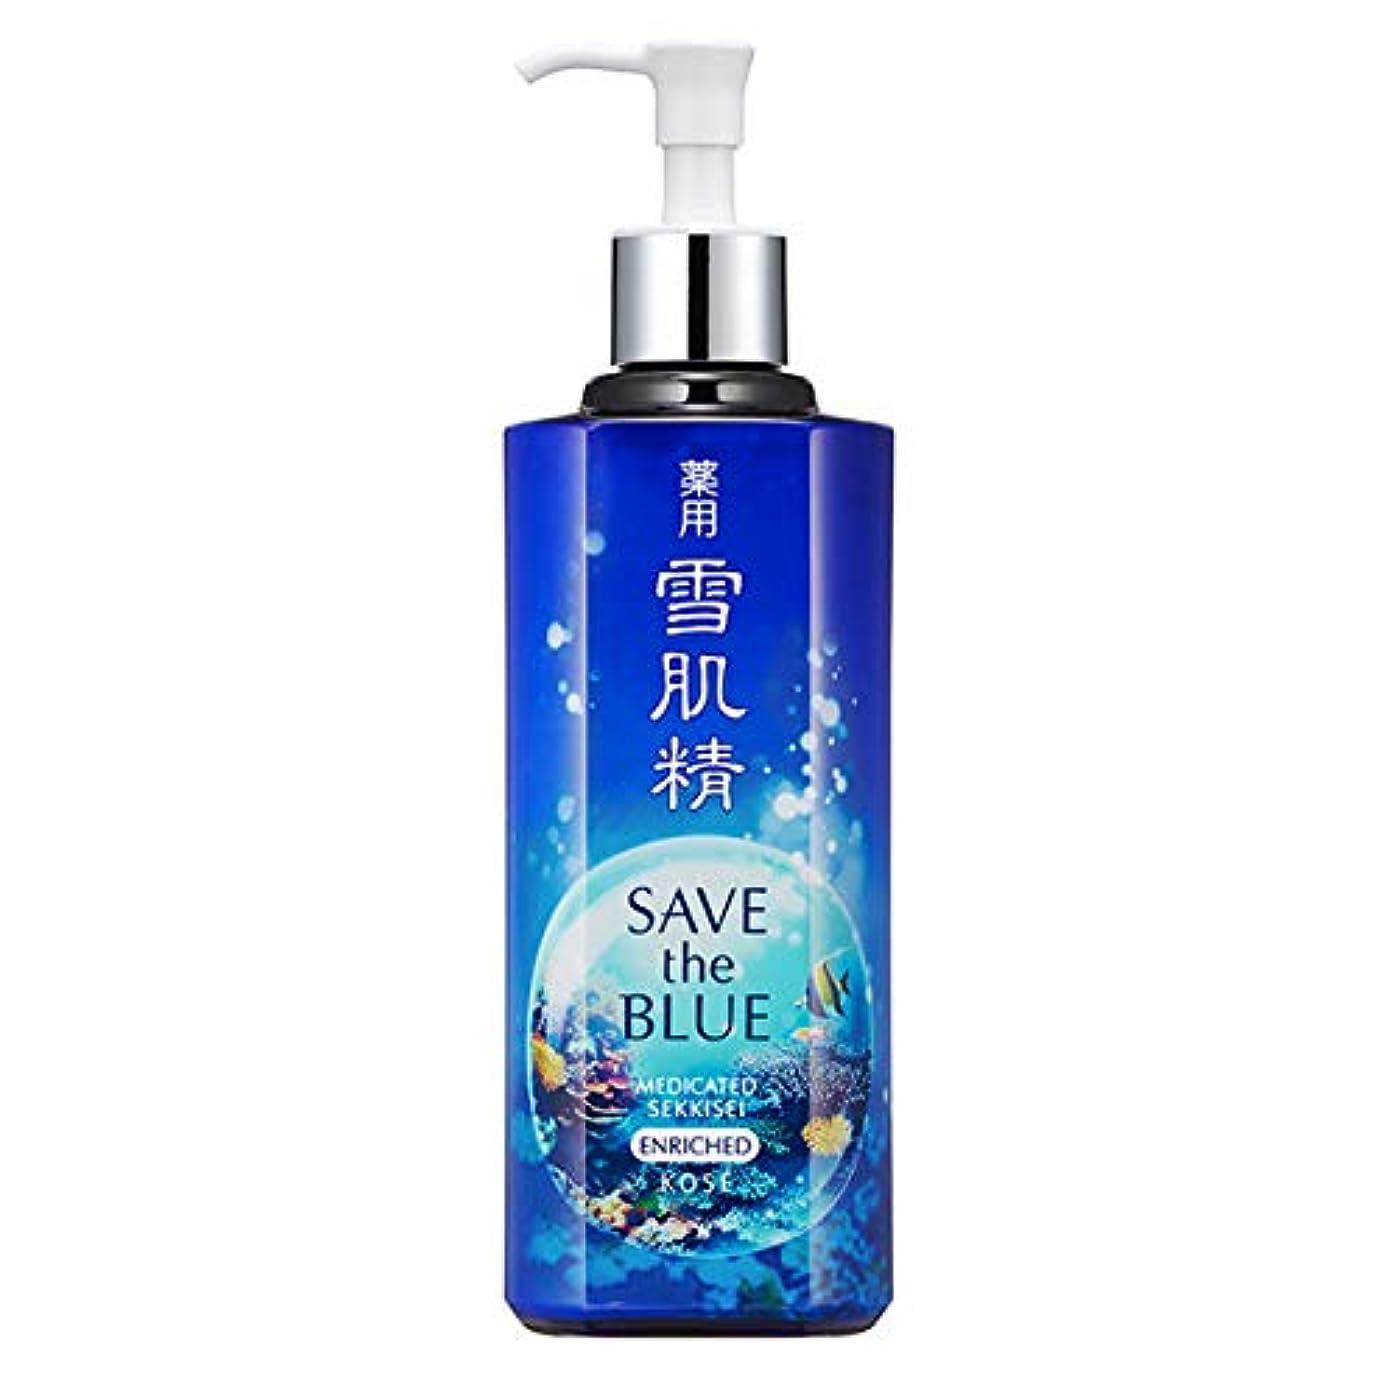 疑い友情宿題をするコーセー 雪肌精 エンリッチ 「SAVE the BLUE」デザインボトル(しっとりタイプ) 500ml